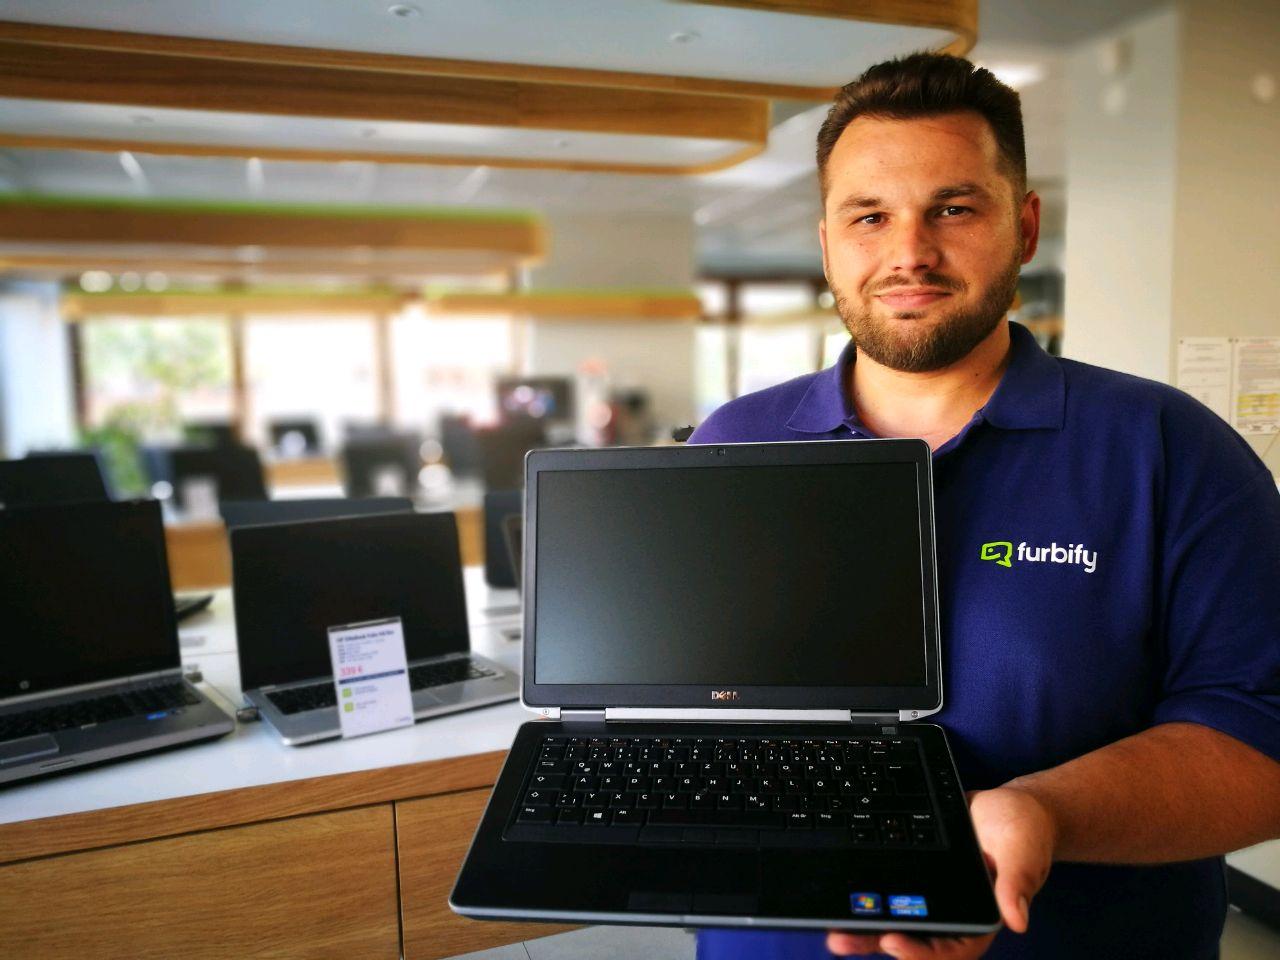 felújított laptopok garanciával a furbifytól